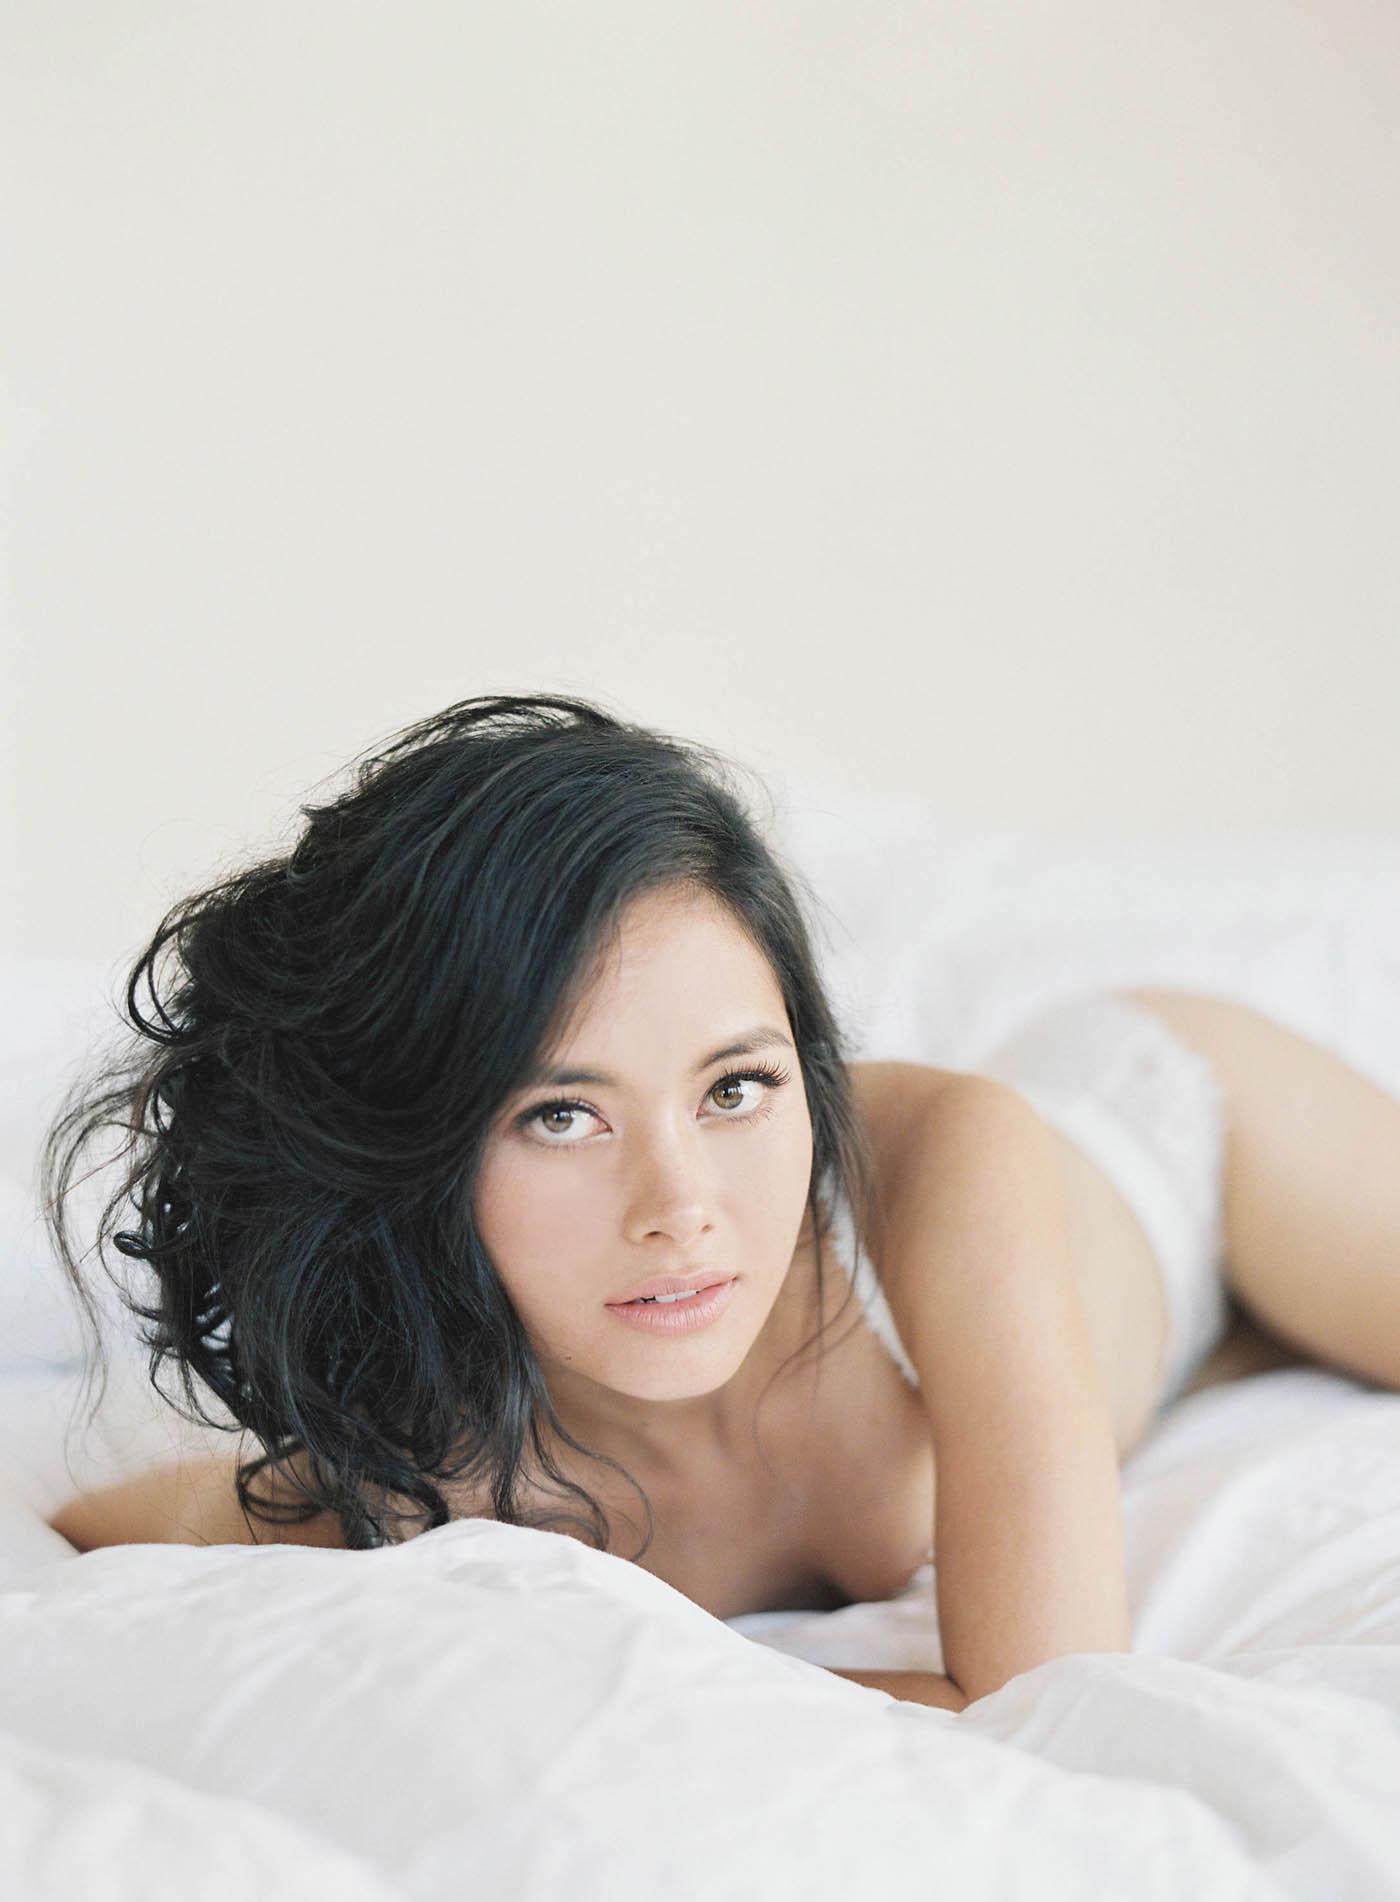 boudoir-on-film-111-Jen_Huang-Bhldn-196-Jen_Huang-002783-R1-015.jpg